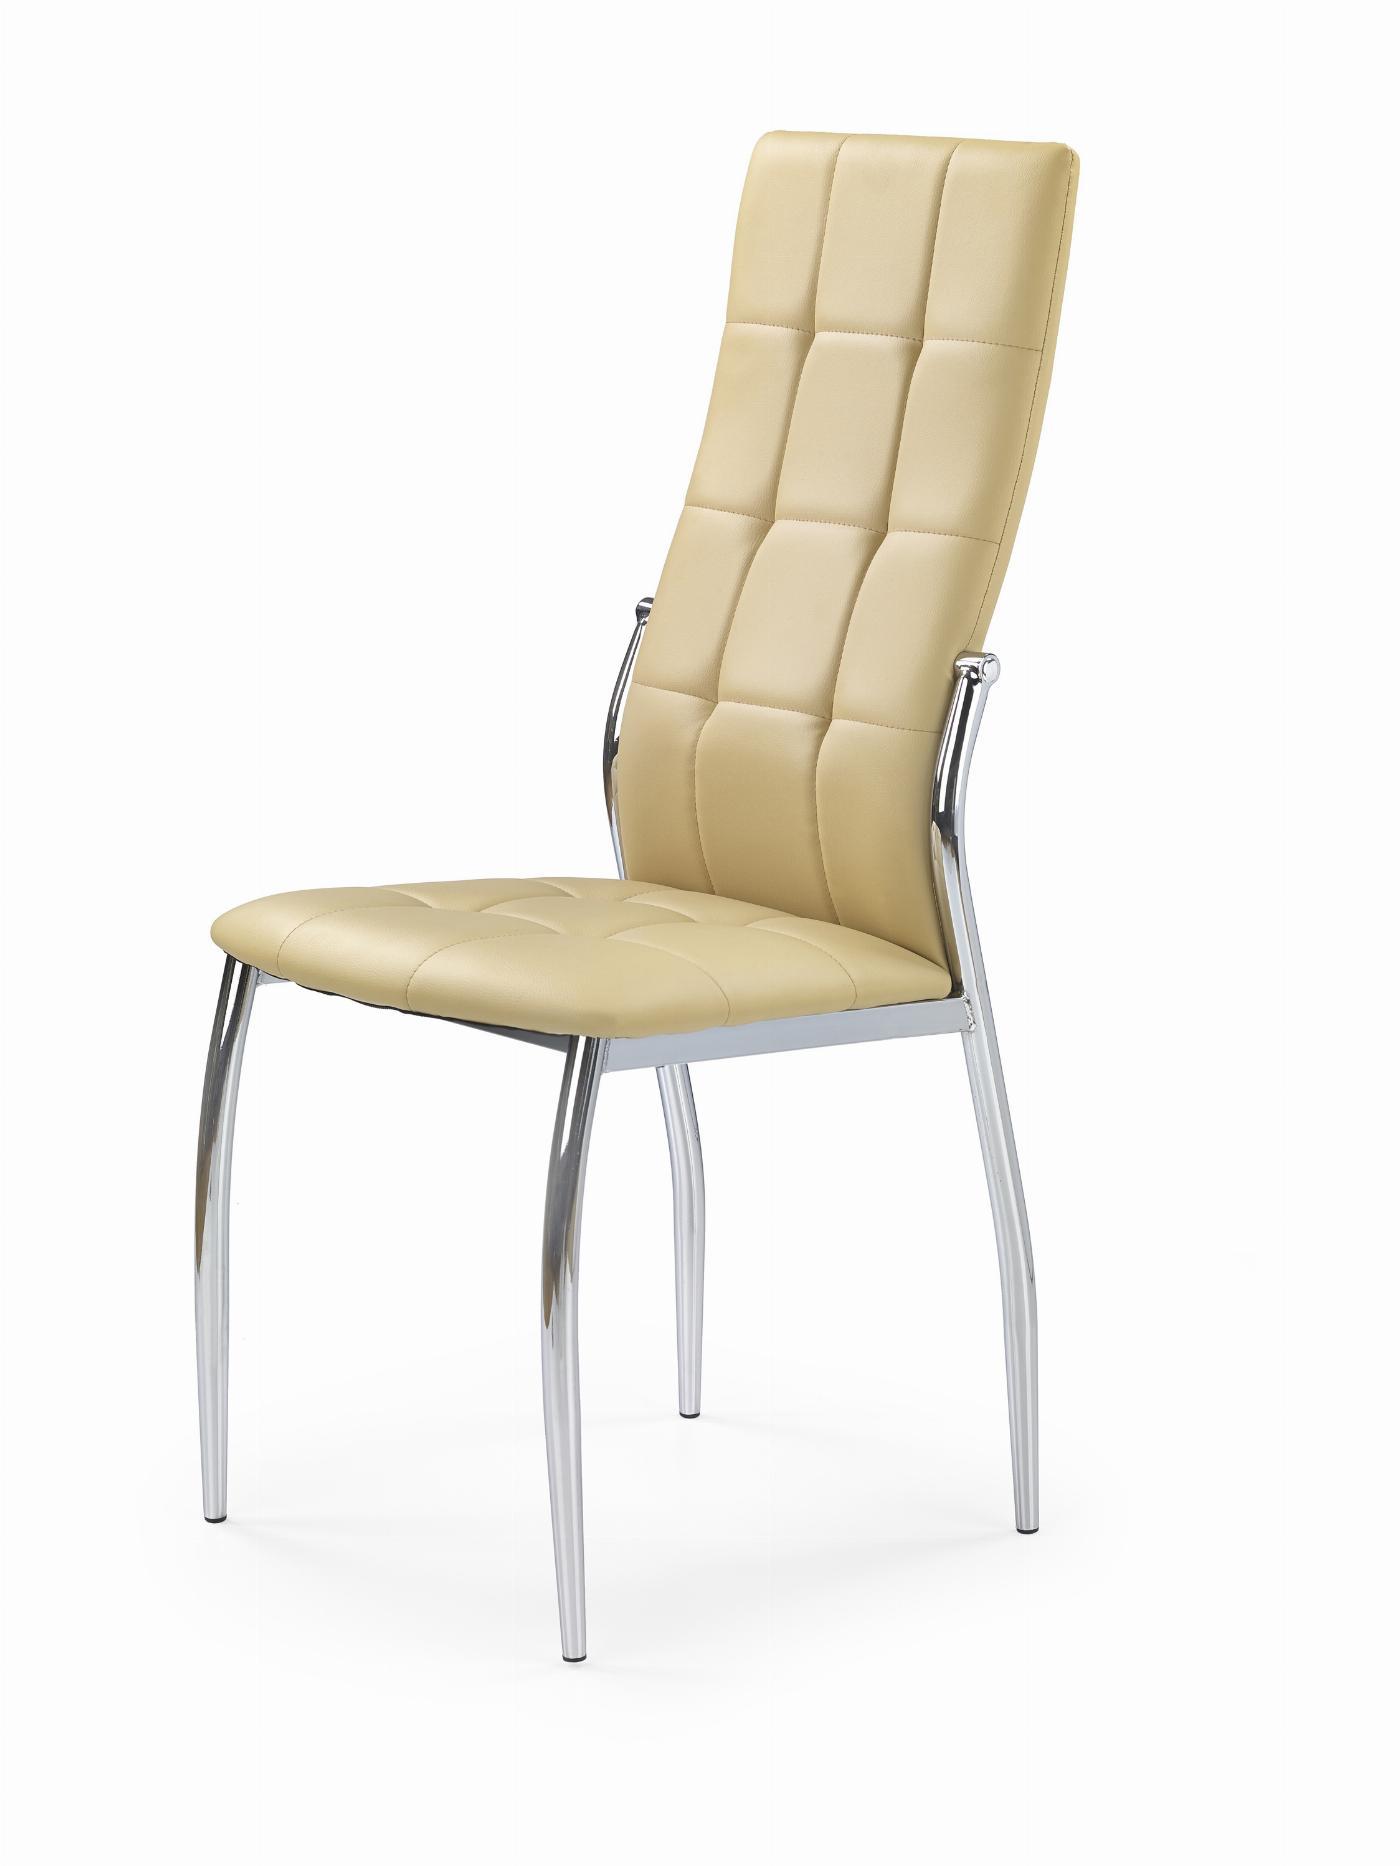 K209 krzesło beżowy (1p=4szt)